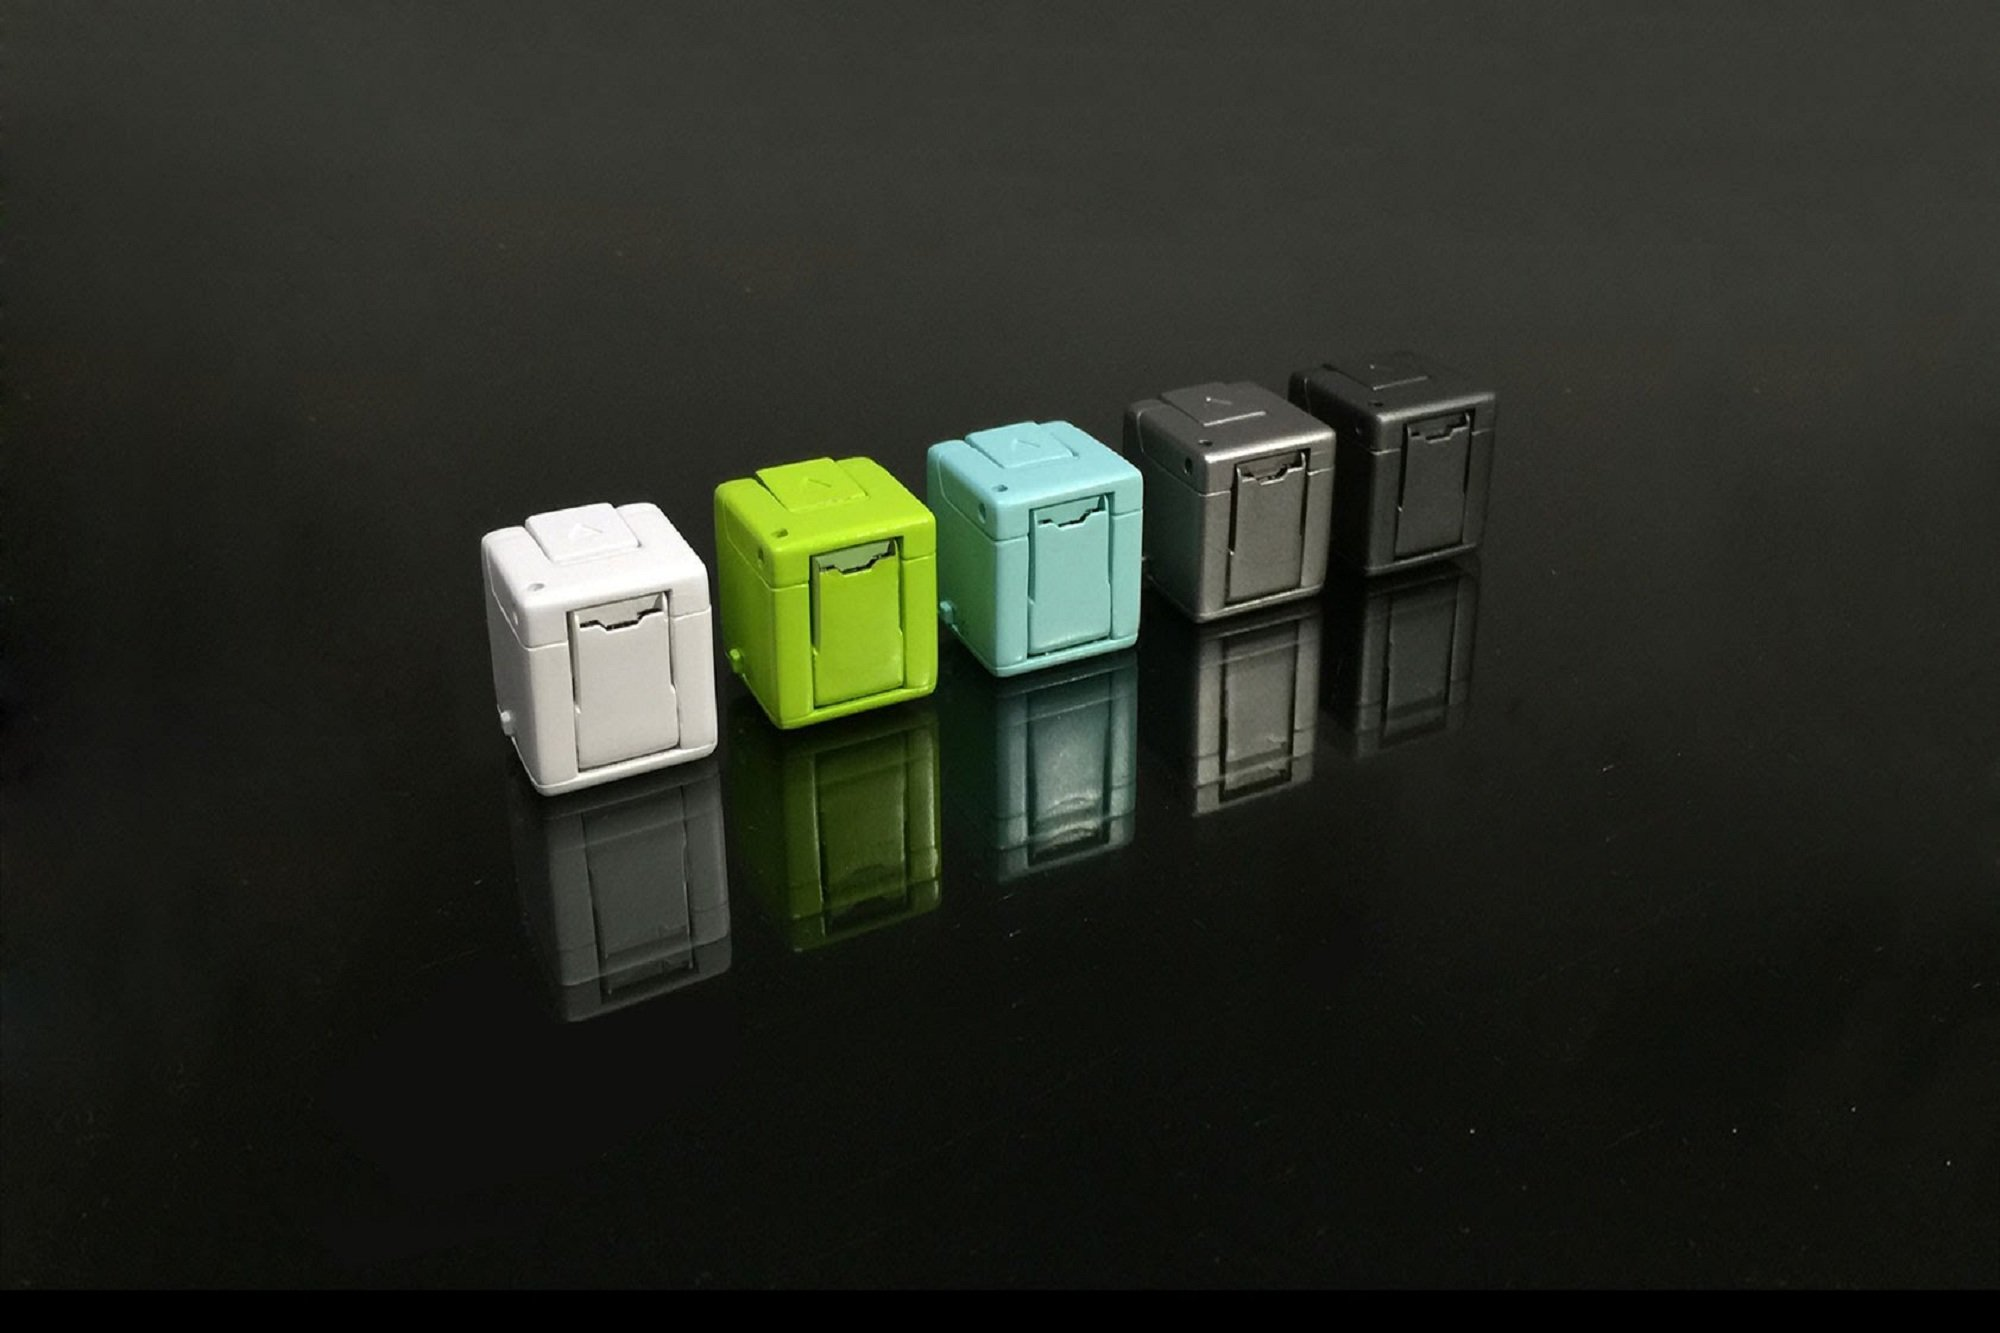 Với thiết kế nhỏ gọn thông minh và 5 màu sắc dễ sử dụng. Ảnh: Wiplabs